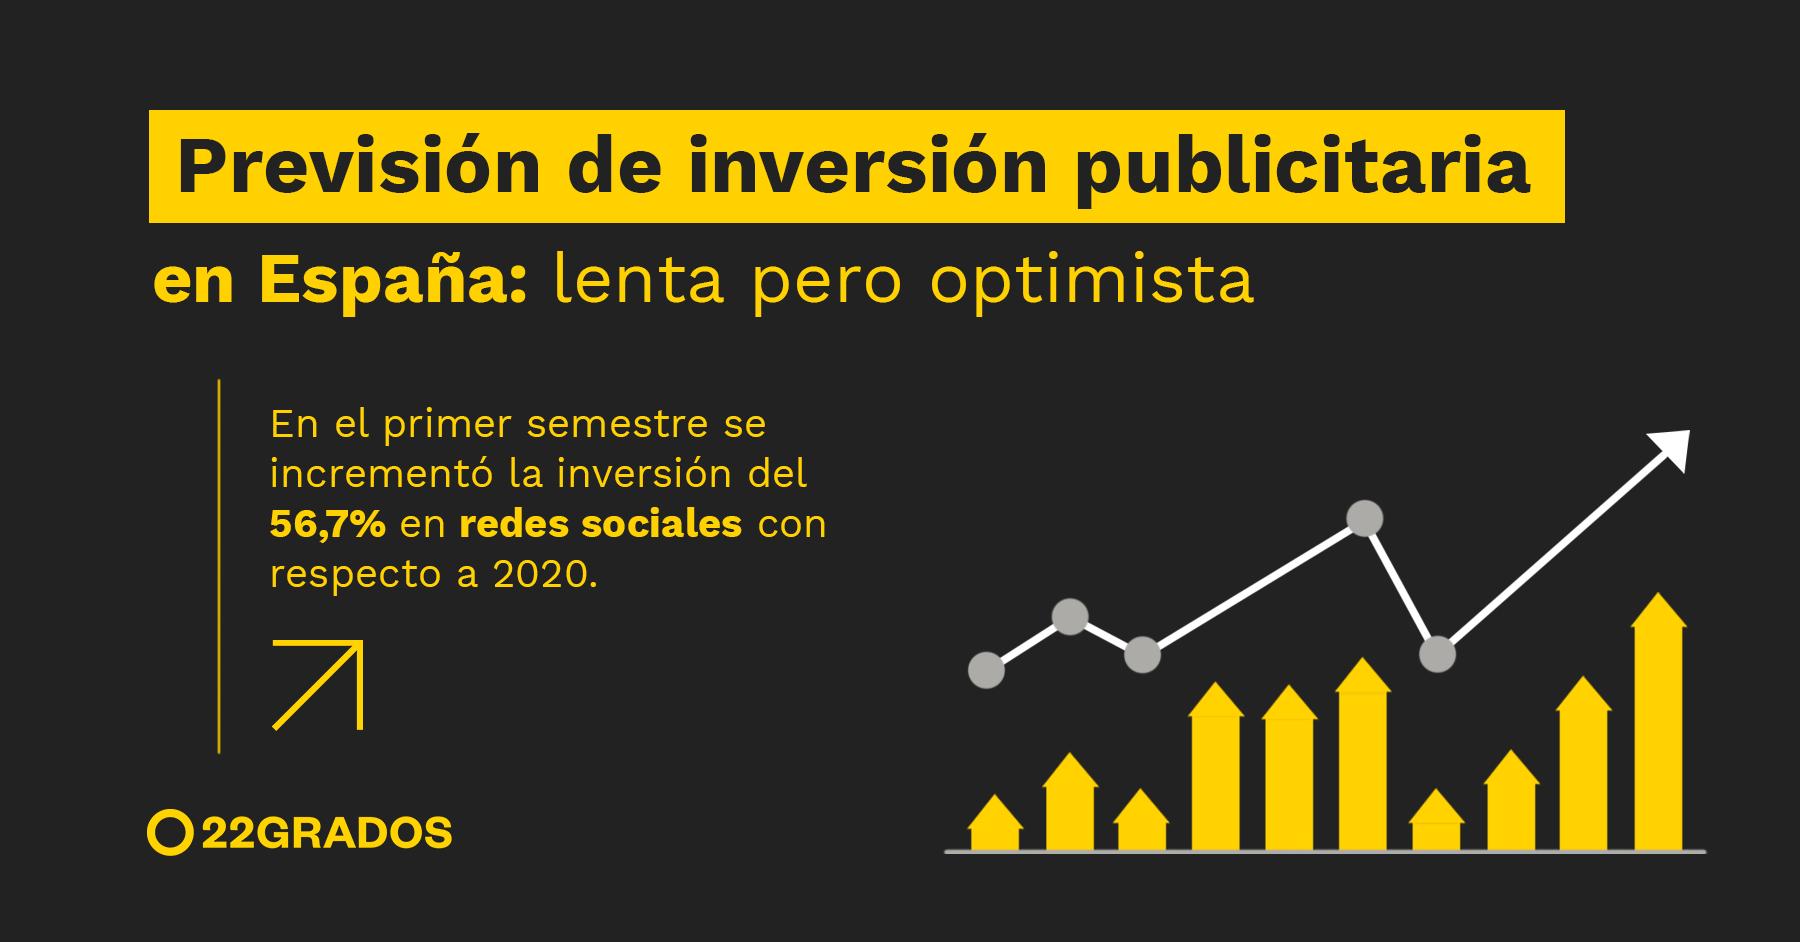 La previsión de inversión publicitaria en España: lenta pero optimista